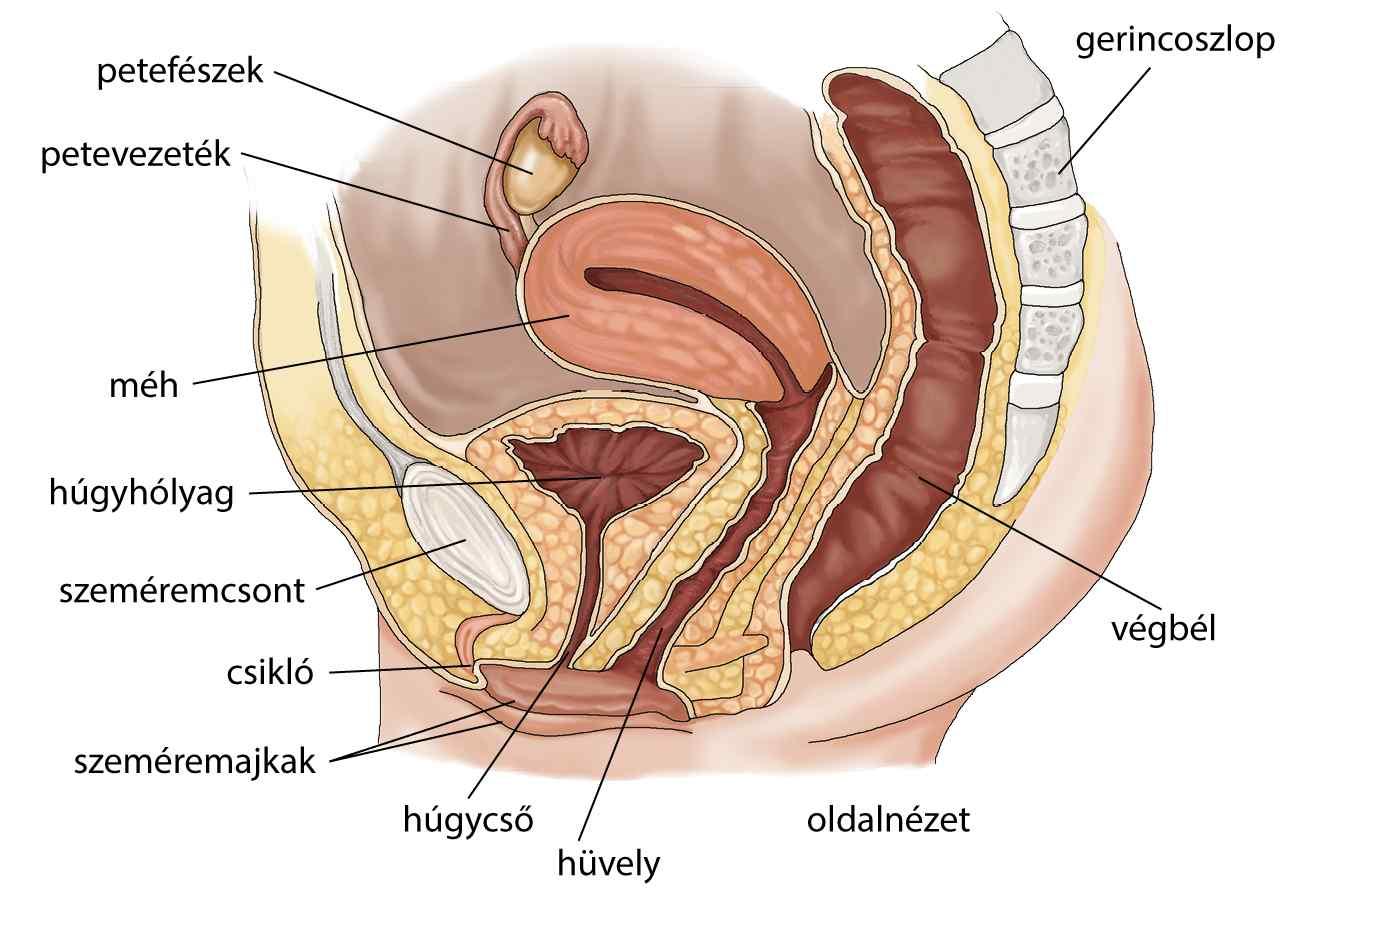 Hiperaktív hólyag tünetei és kezelése